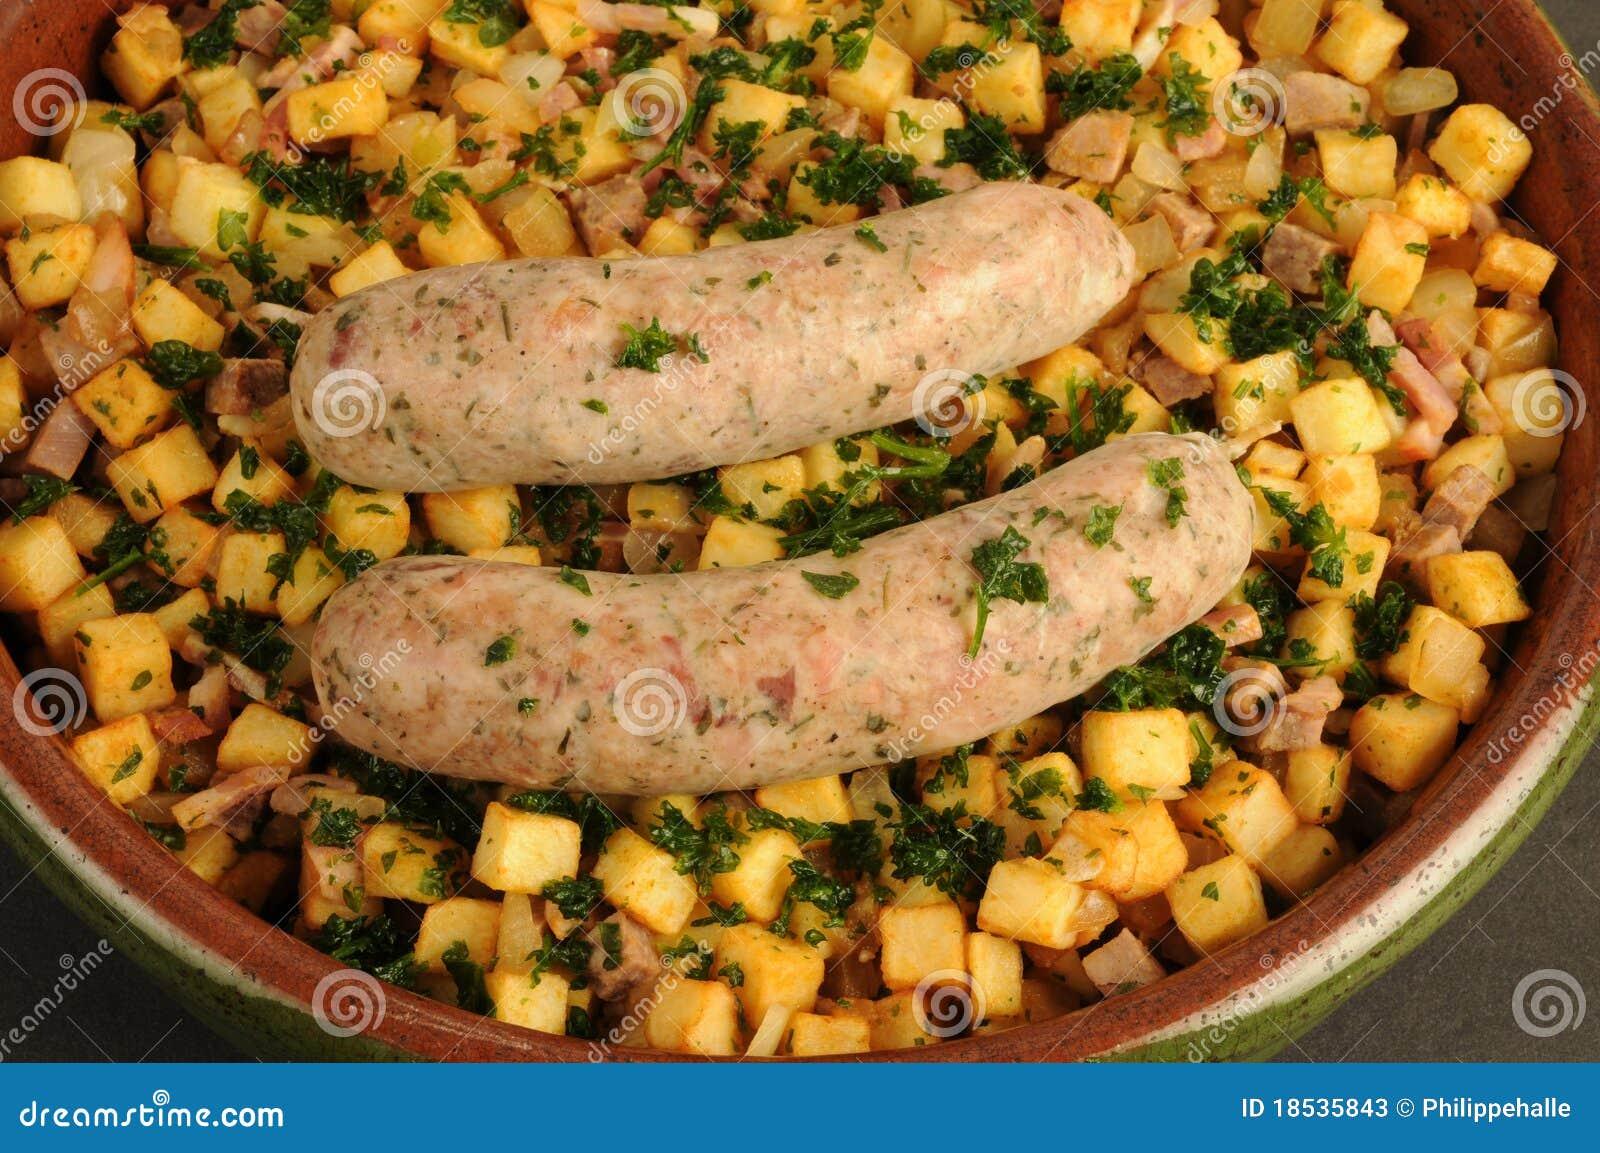 französische küche stockfotos - bild: 18535843